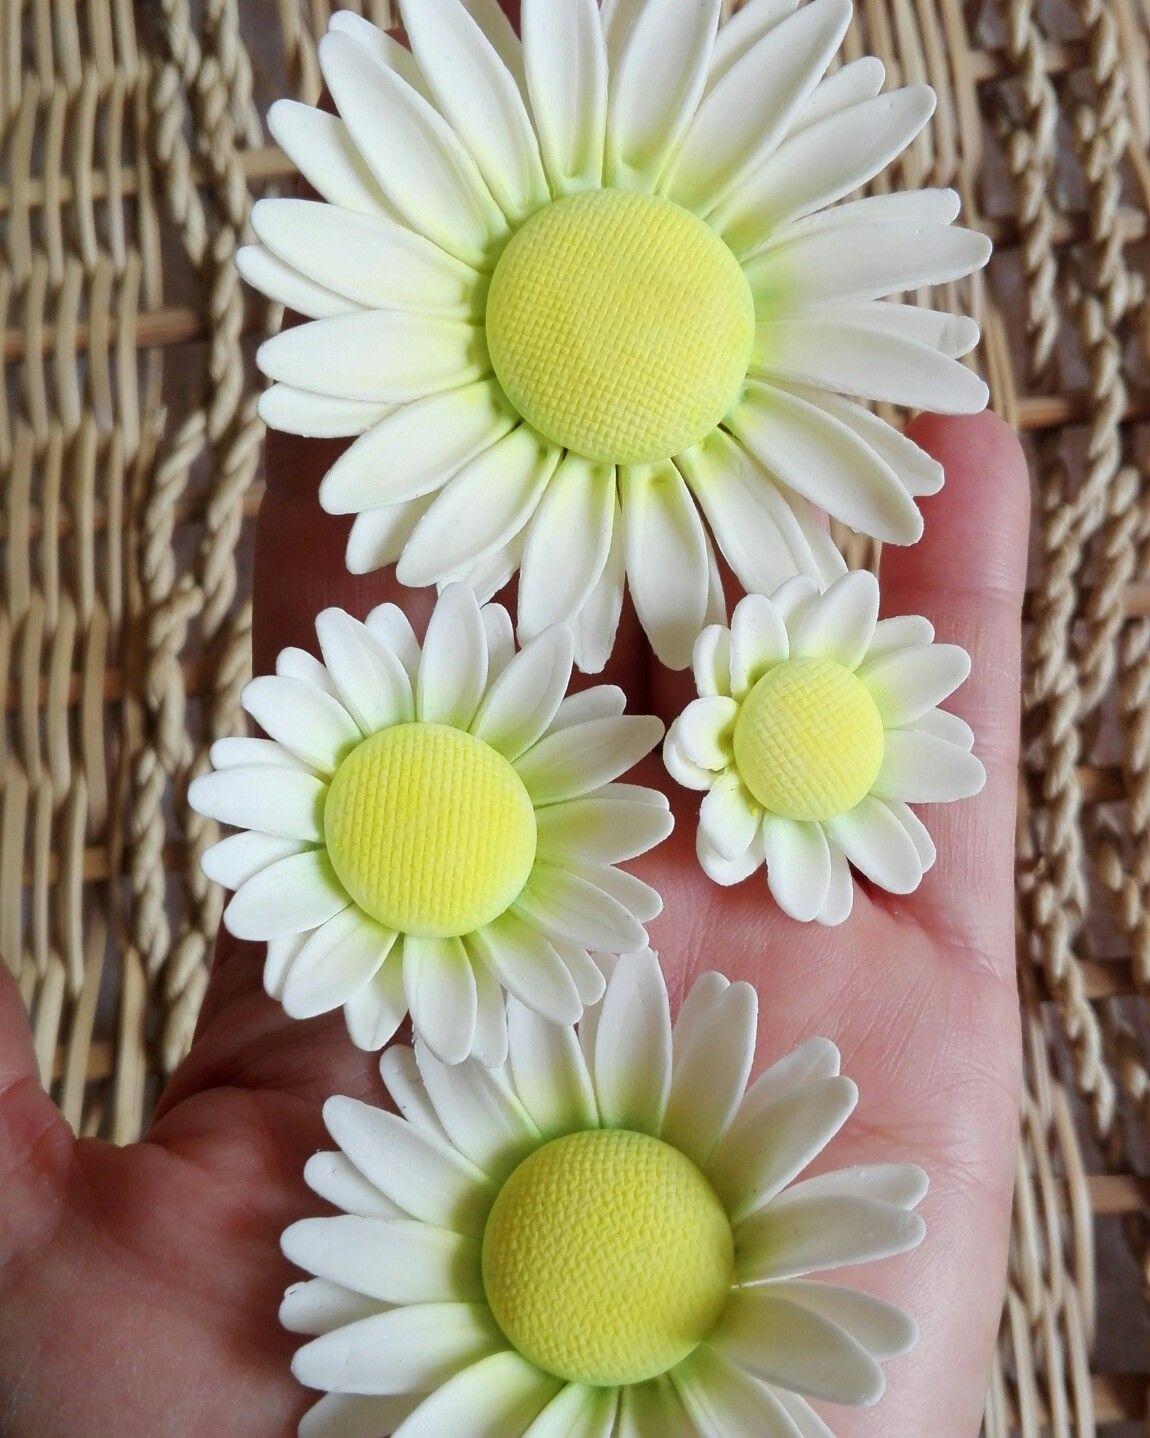 Gumpaste flowers flores de azcar pinterest gumpaste flowers izmirmasajfo